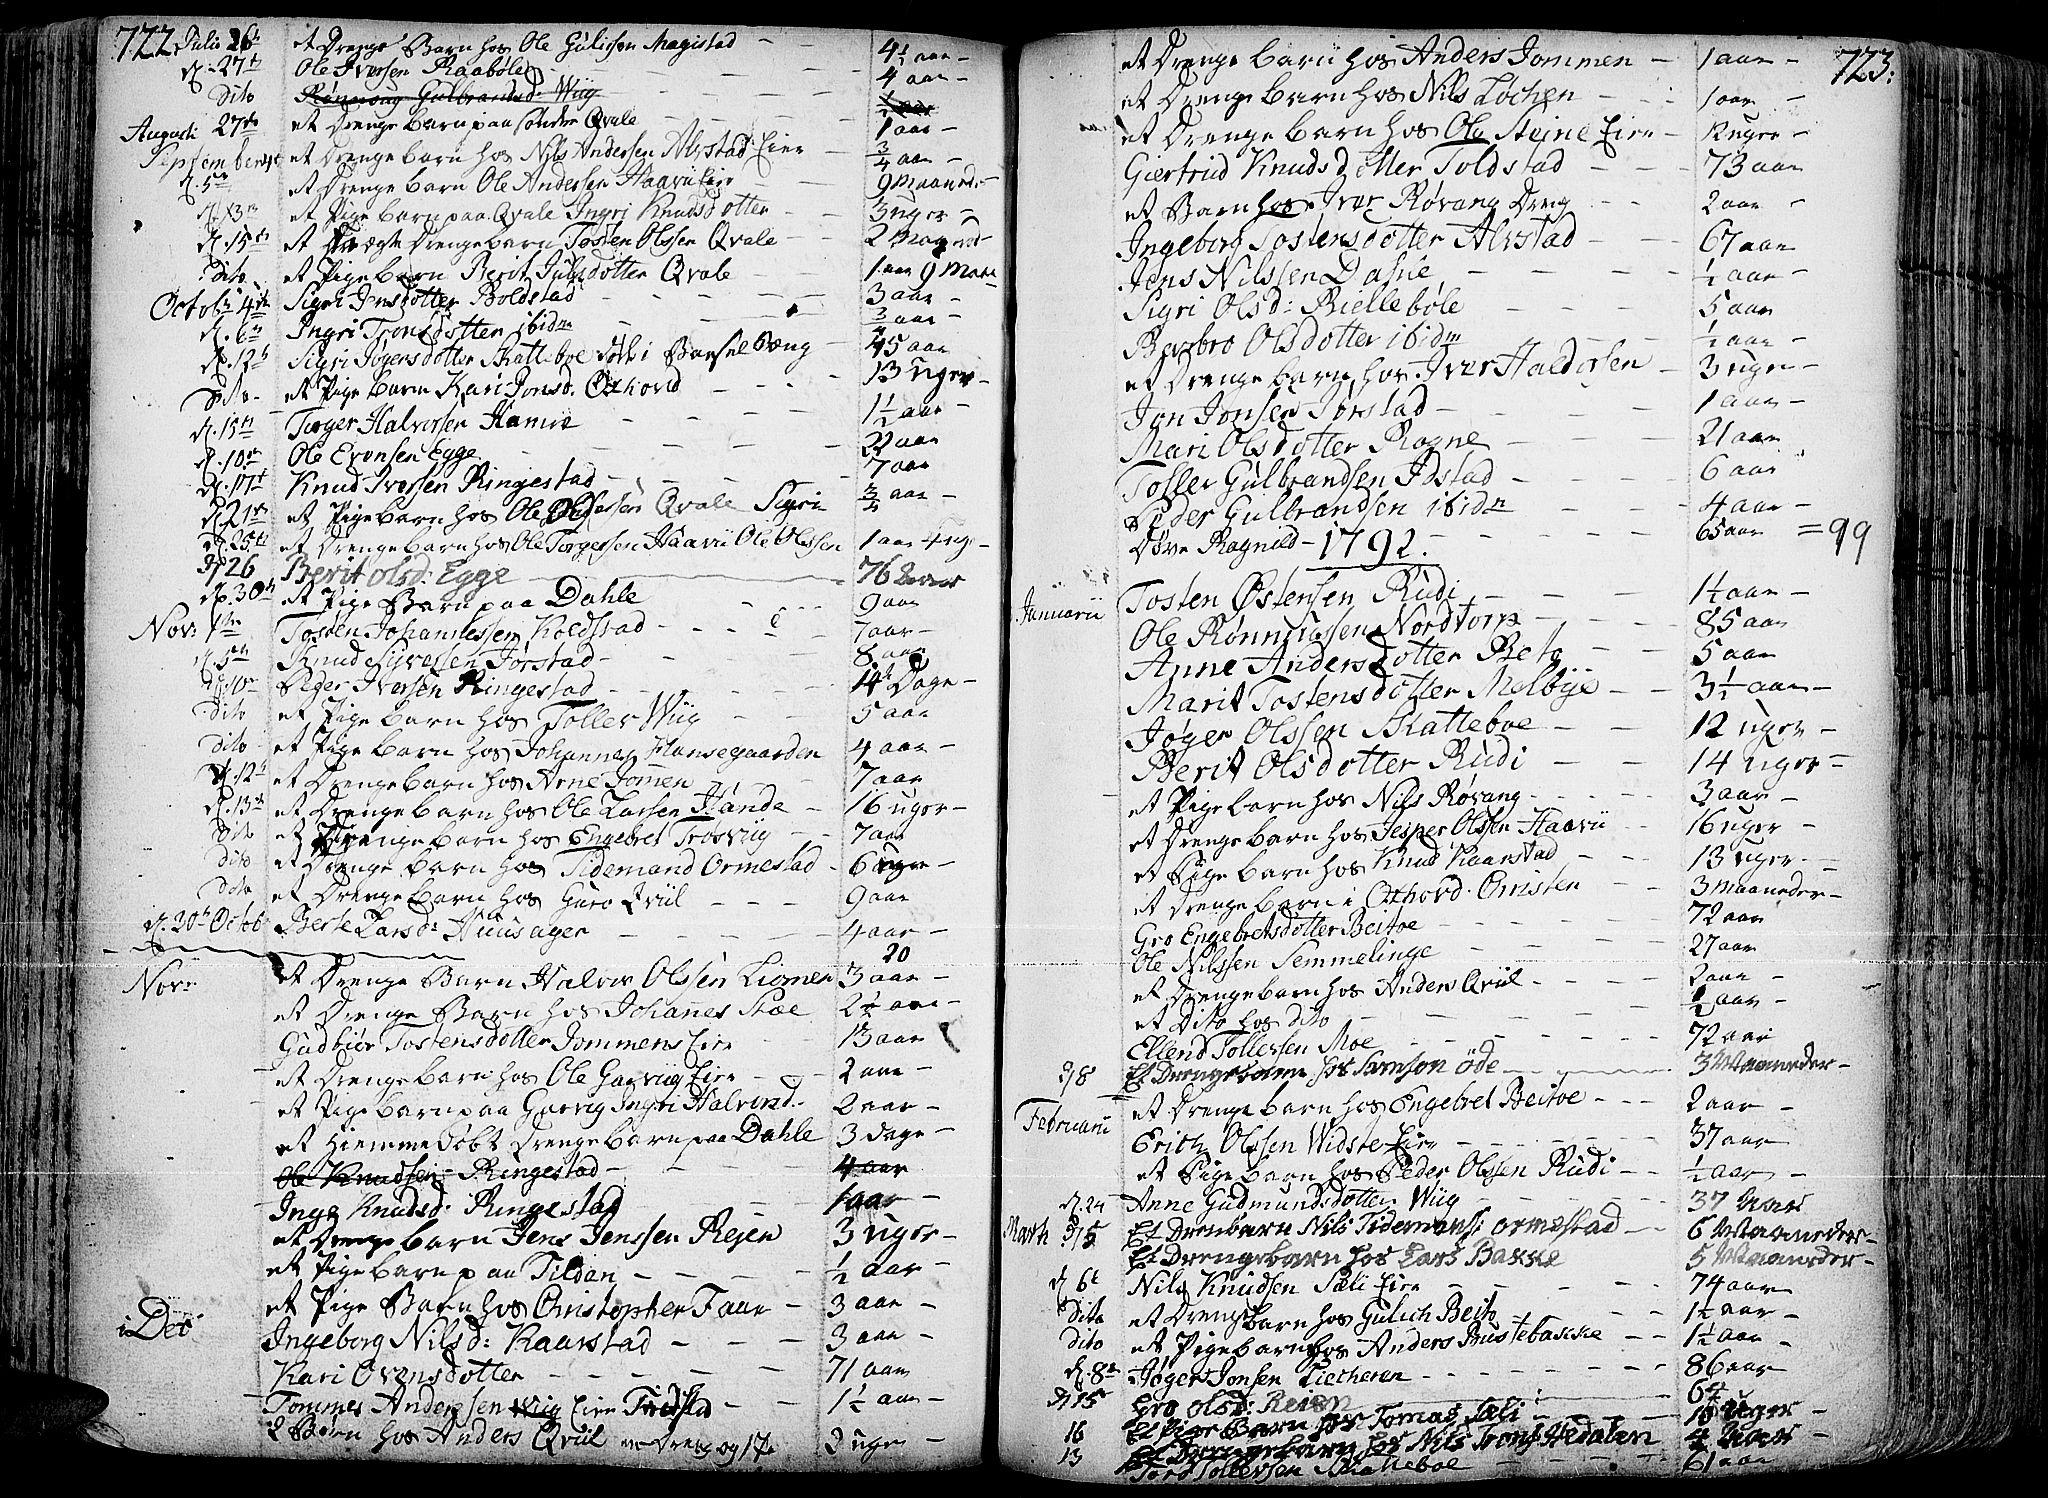 SAH, Slidre prestekontor, Ministerialbok nr. 1, 1724-1814, s. 722-723